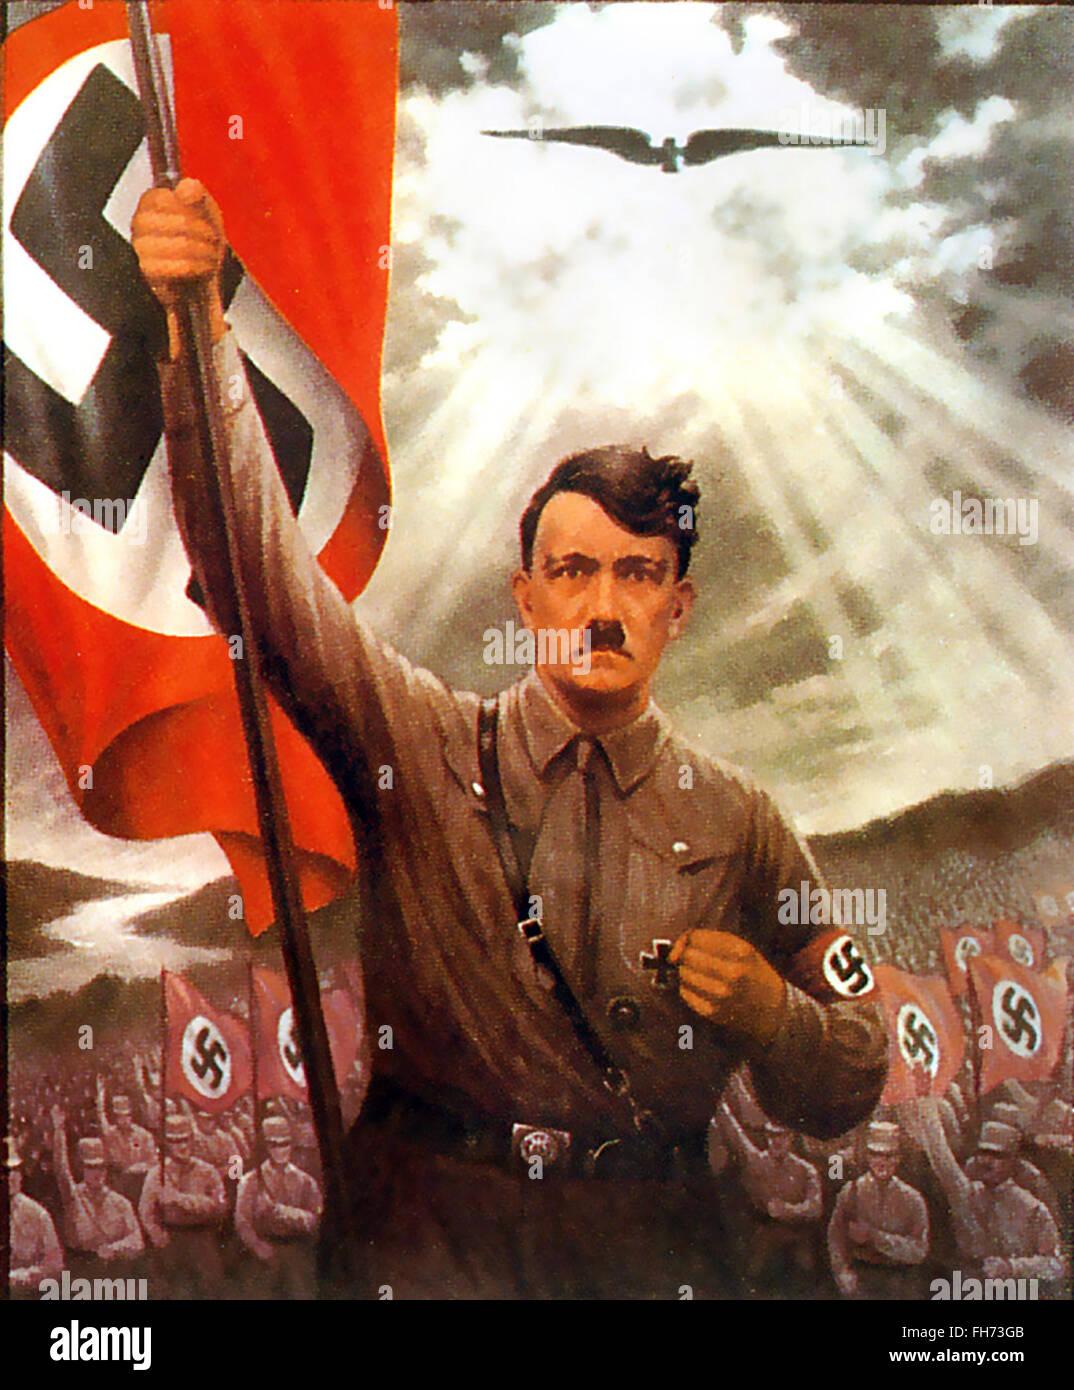 Es Lebe Deutschland - Hitler - Affiche de propagande nazie allemande - WWII Photo Stock